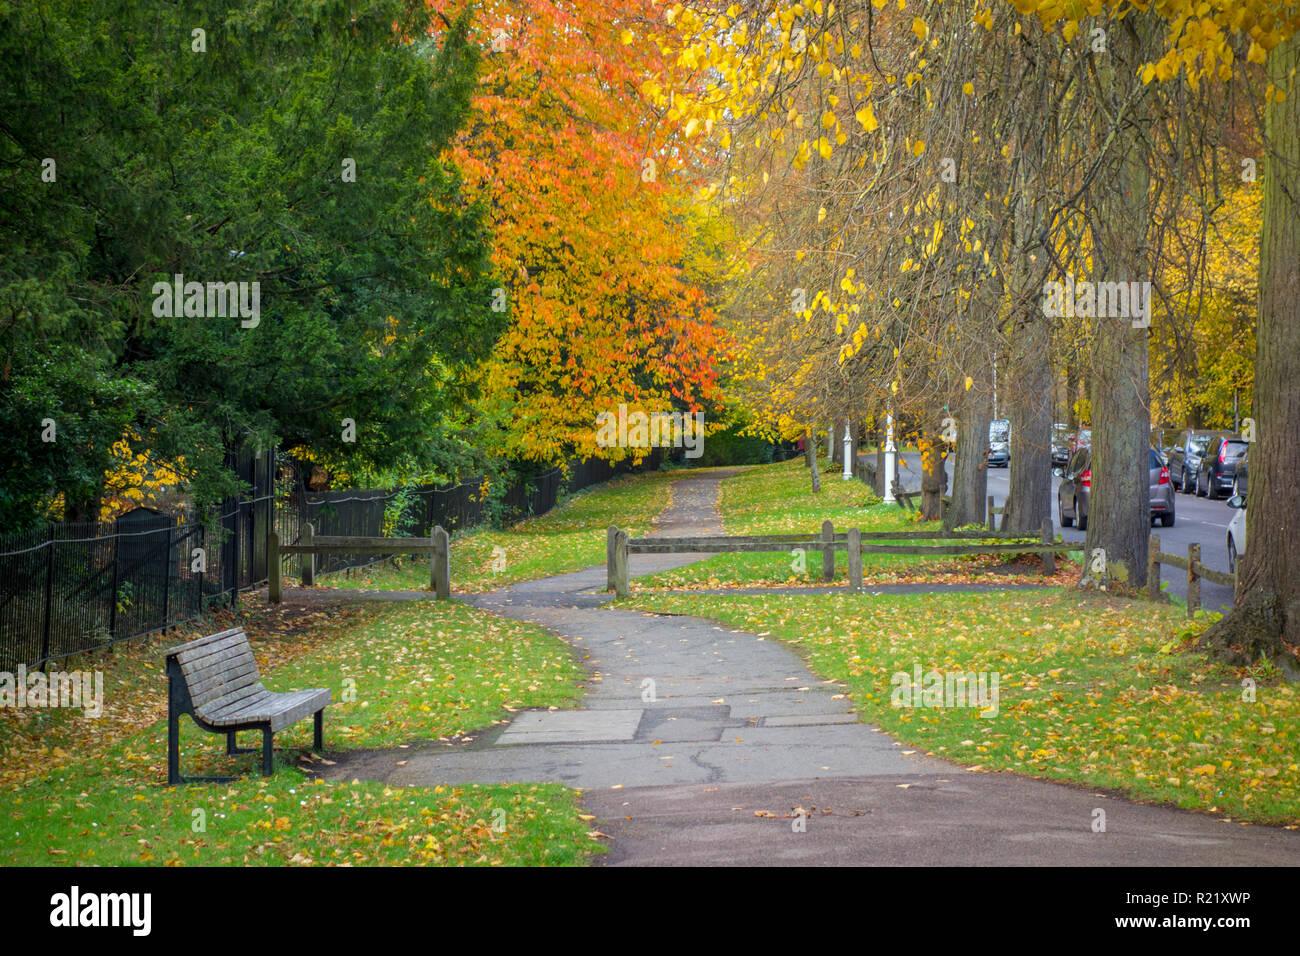 Rote und gelbe Blätter im Herbst auf Bäume über einen Fußgänger Fußweg auf dem Rücken in Cambridge, Großbritannien Stockbild